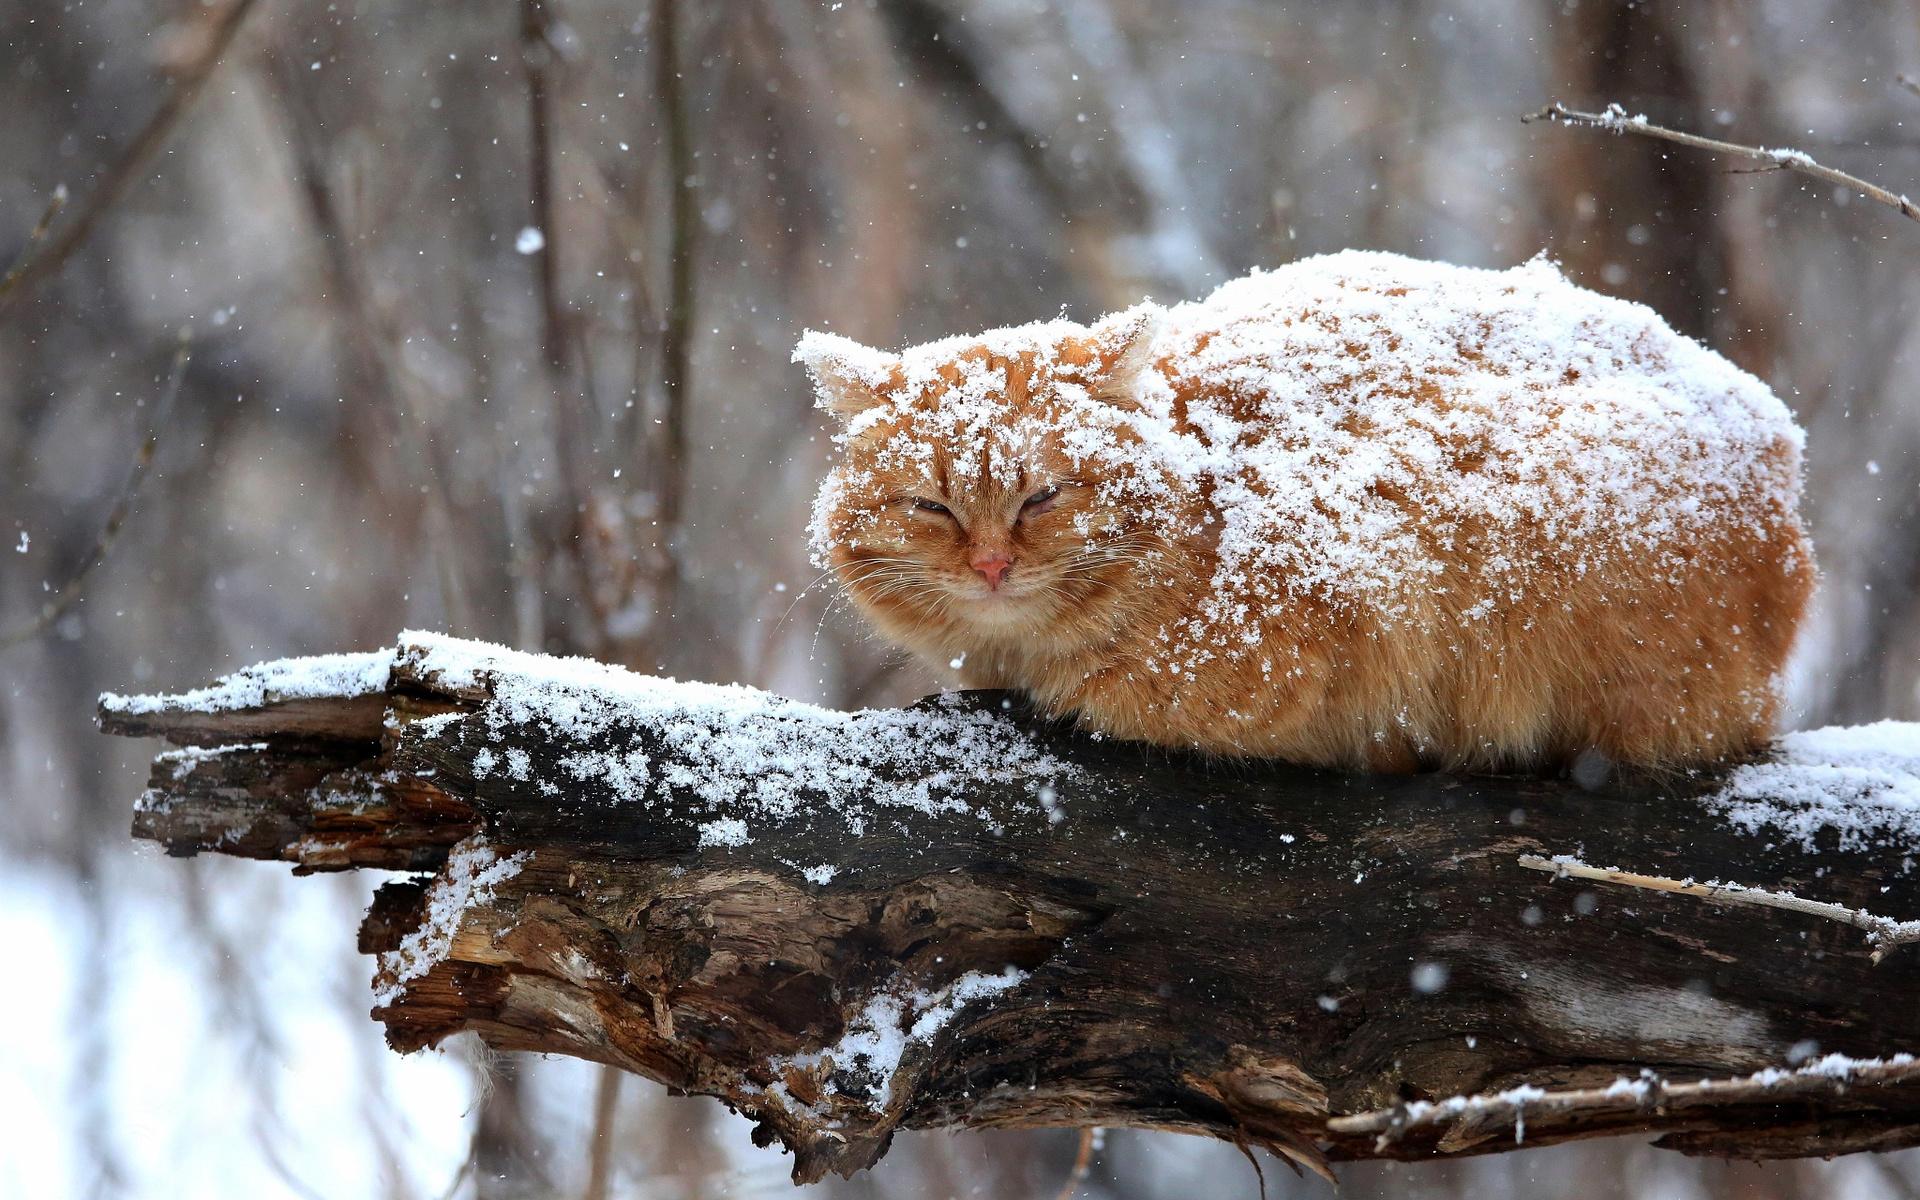 гора, специальный снегопад и животные картинки пористый текстуре, прекрасно